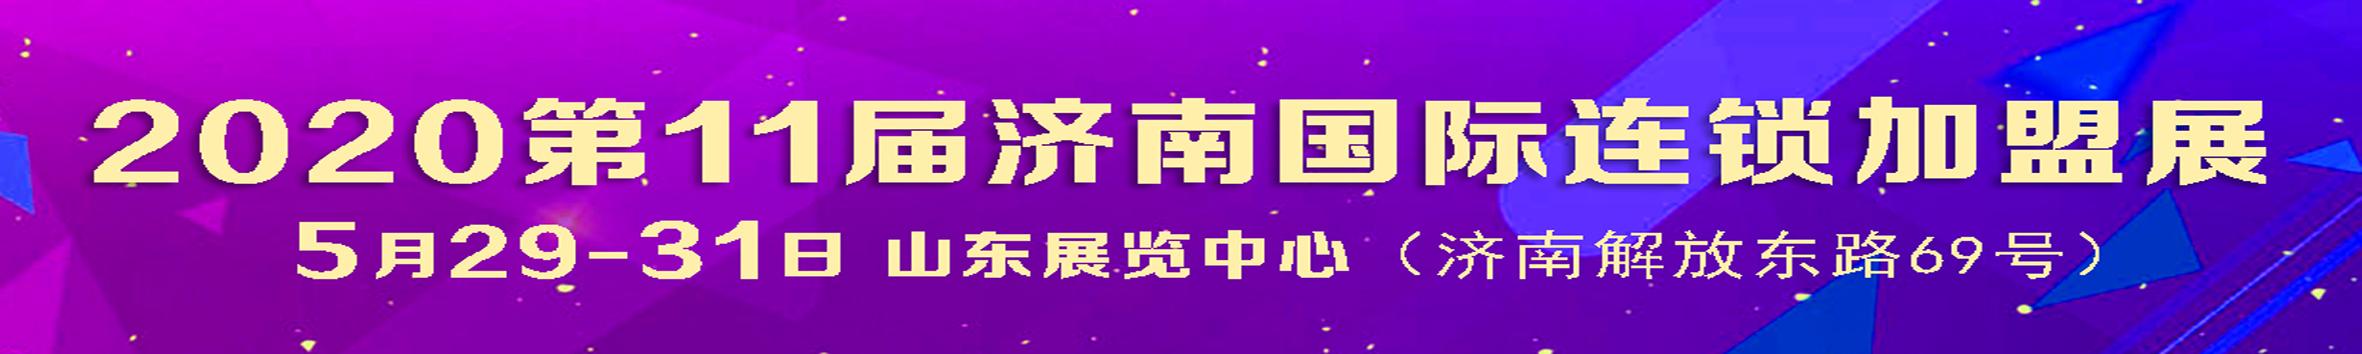 JFE-2020第十一届济南国际连锁加盟展览会